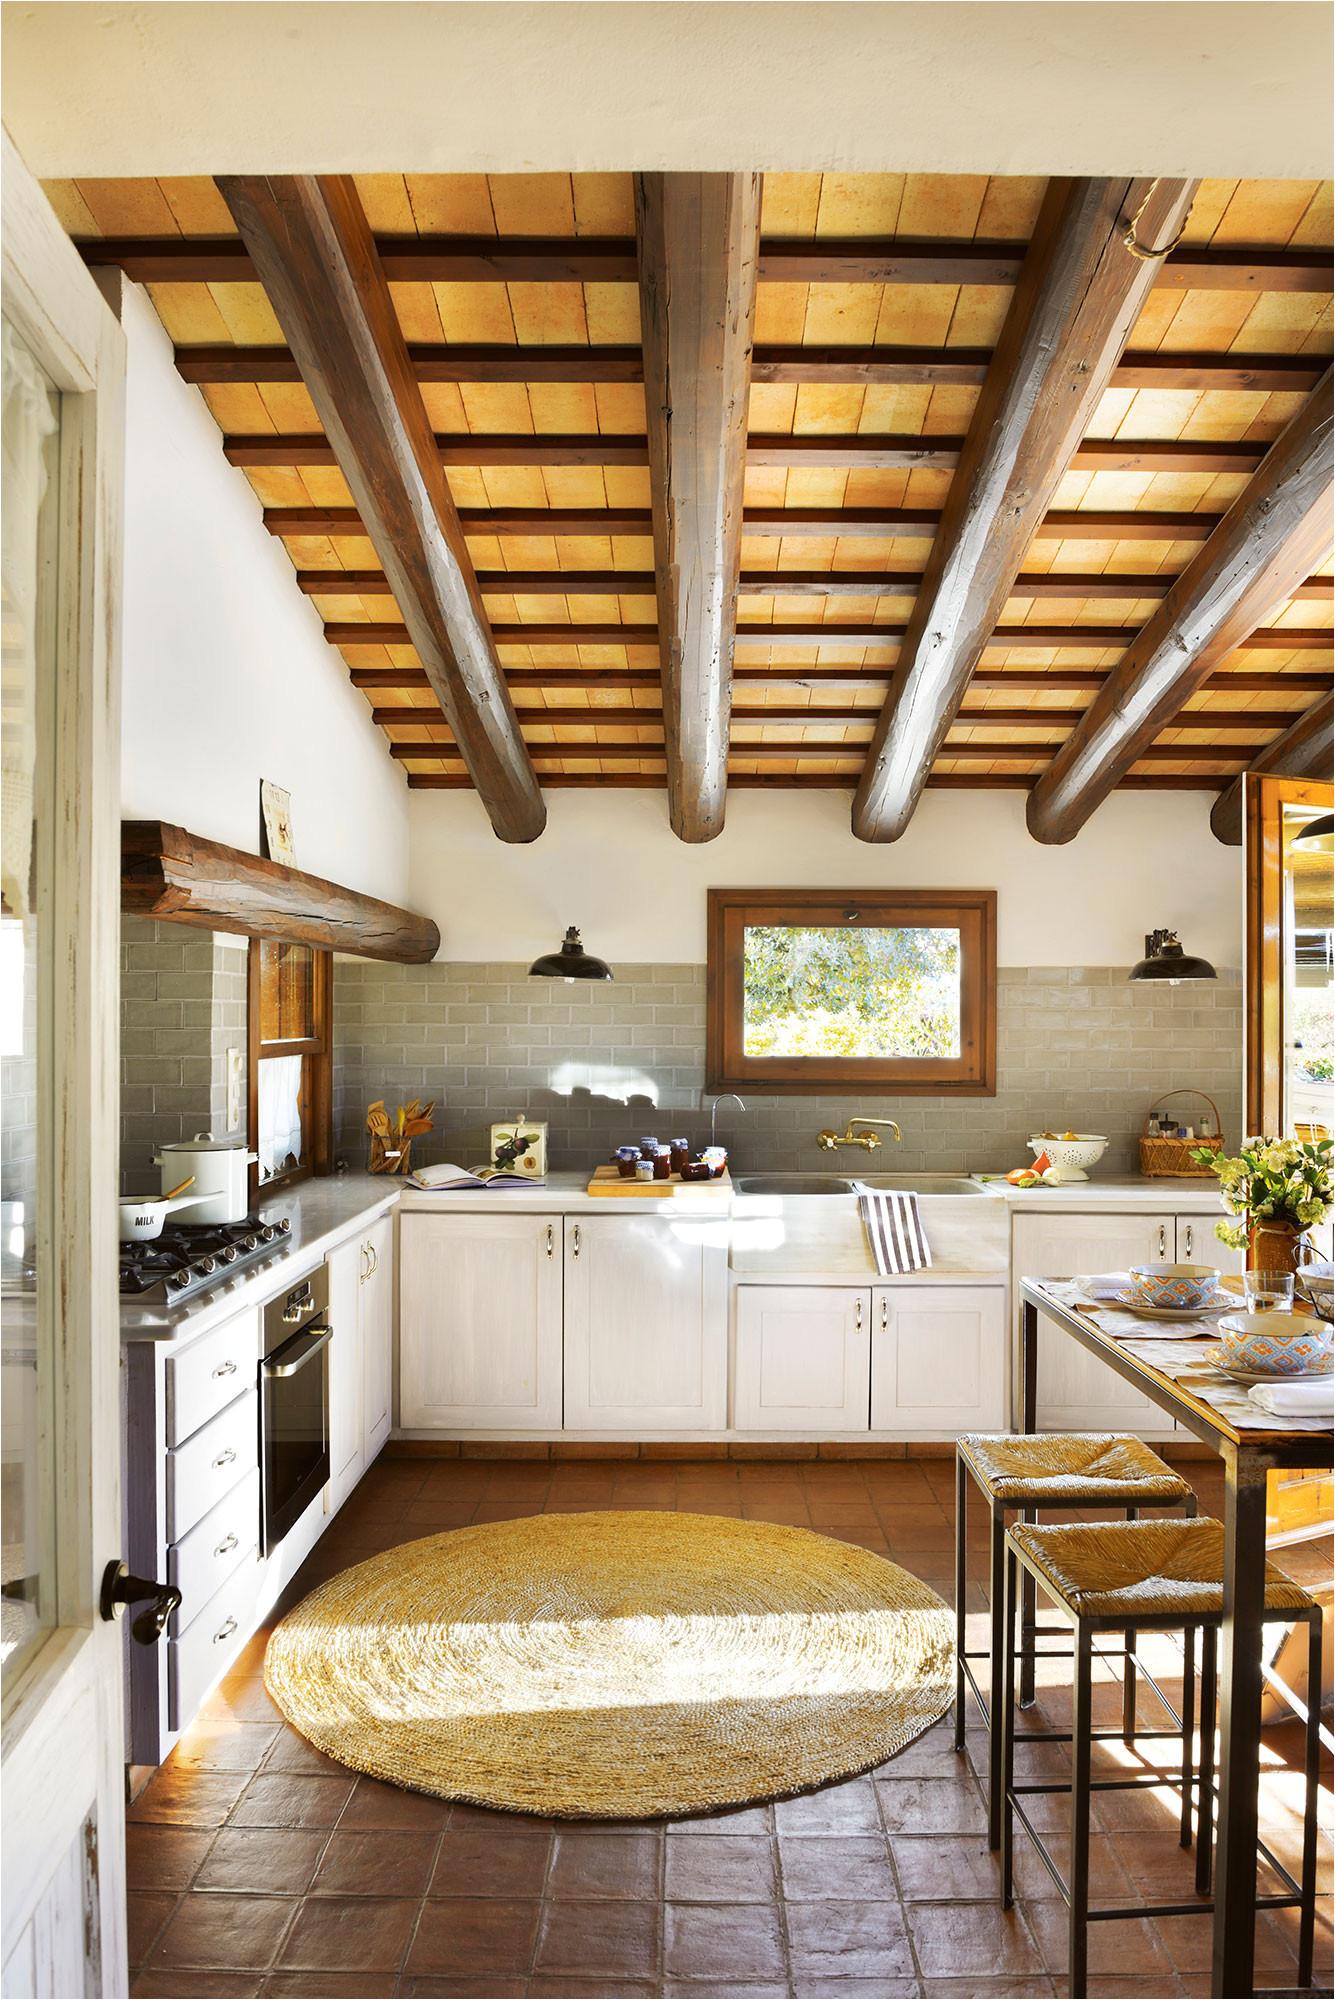 Dise os de cocinas peque as y sencillas rusticas https for Disenos de cocinas pequenas y sencillas